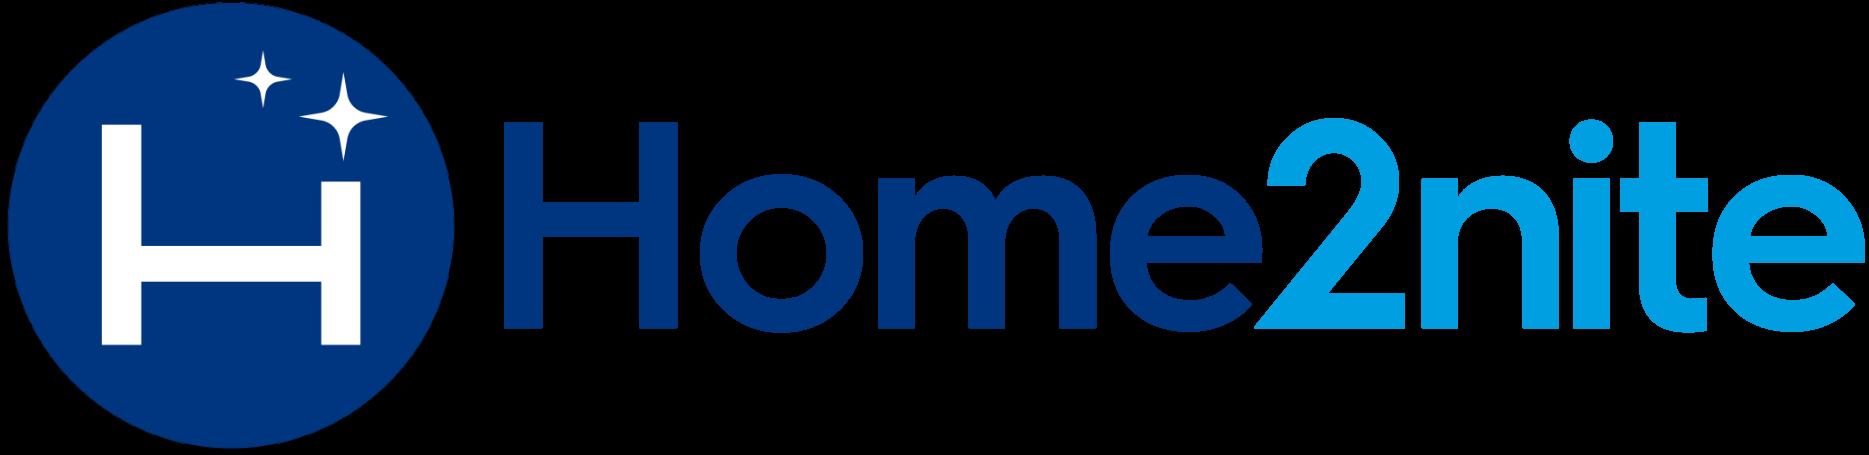 home2nite.com